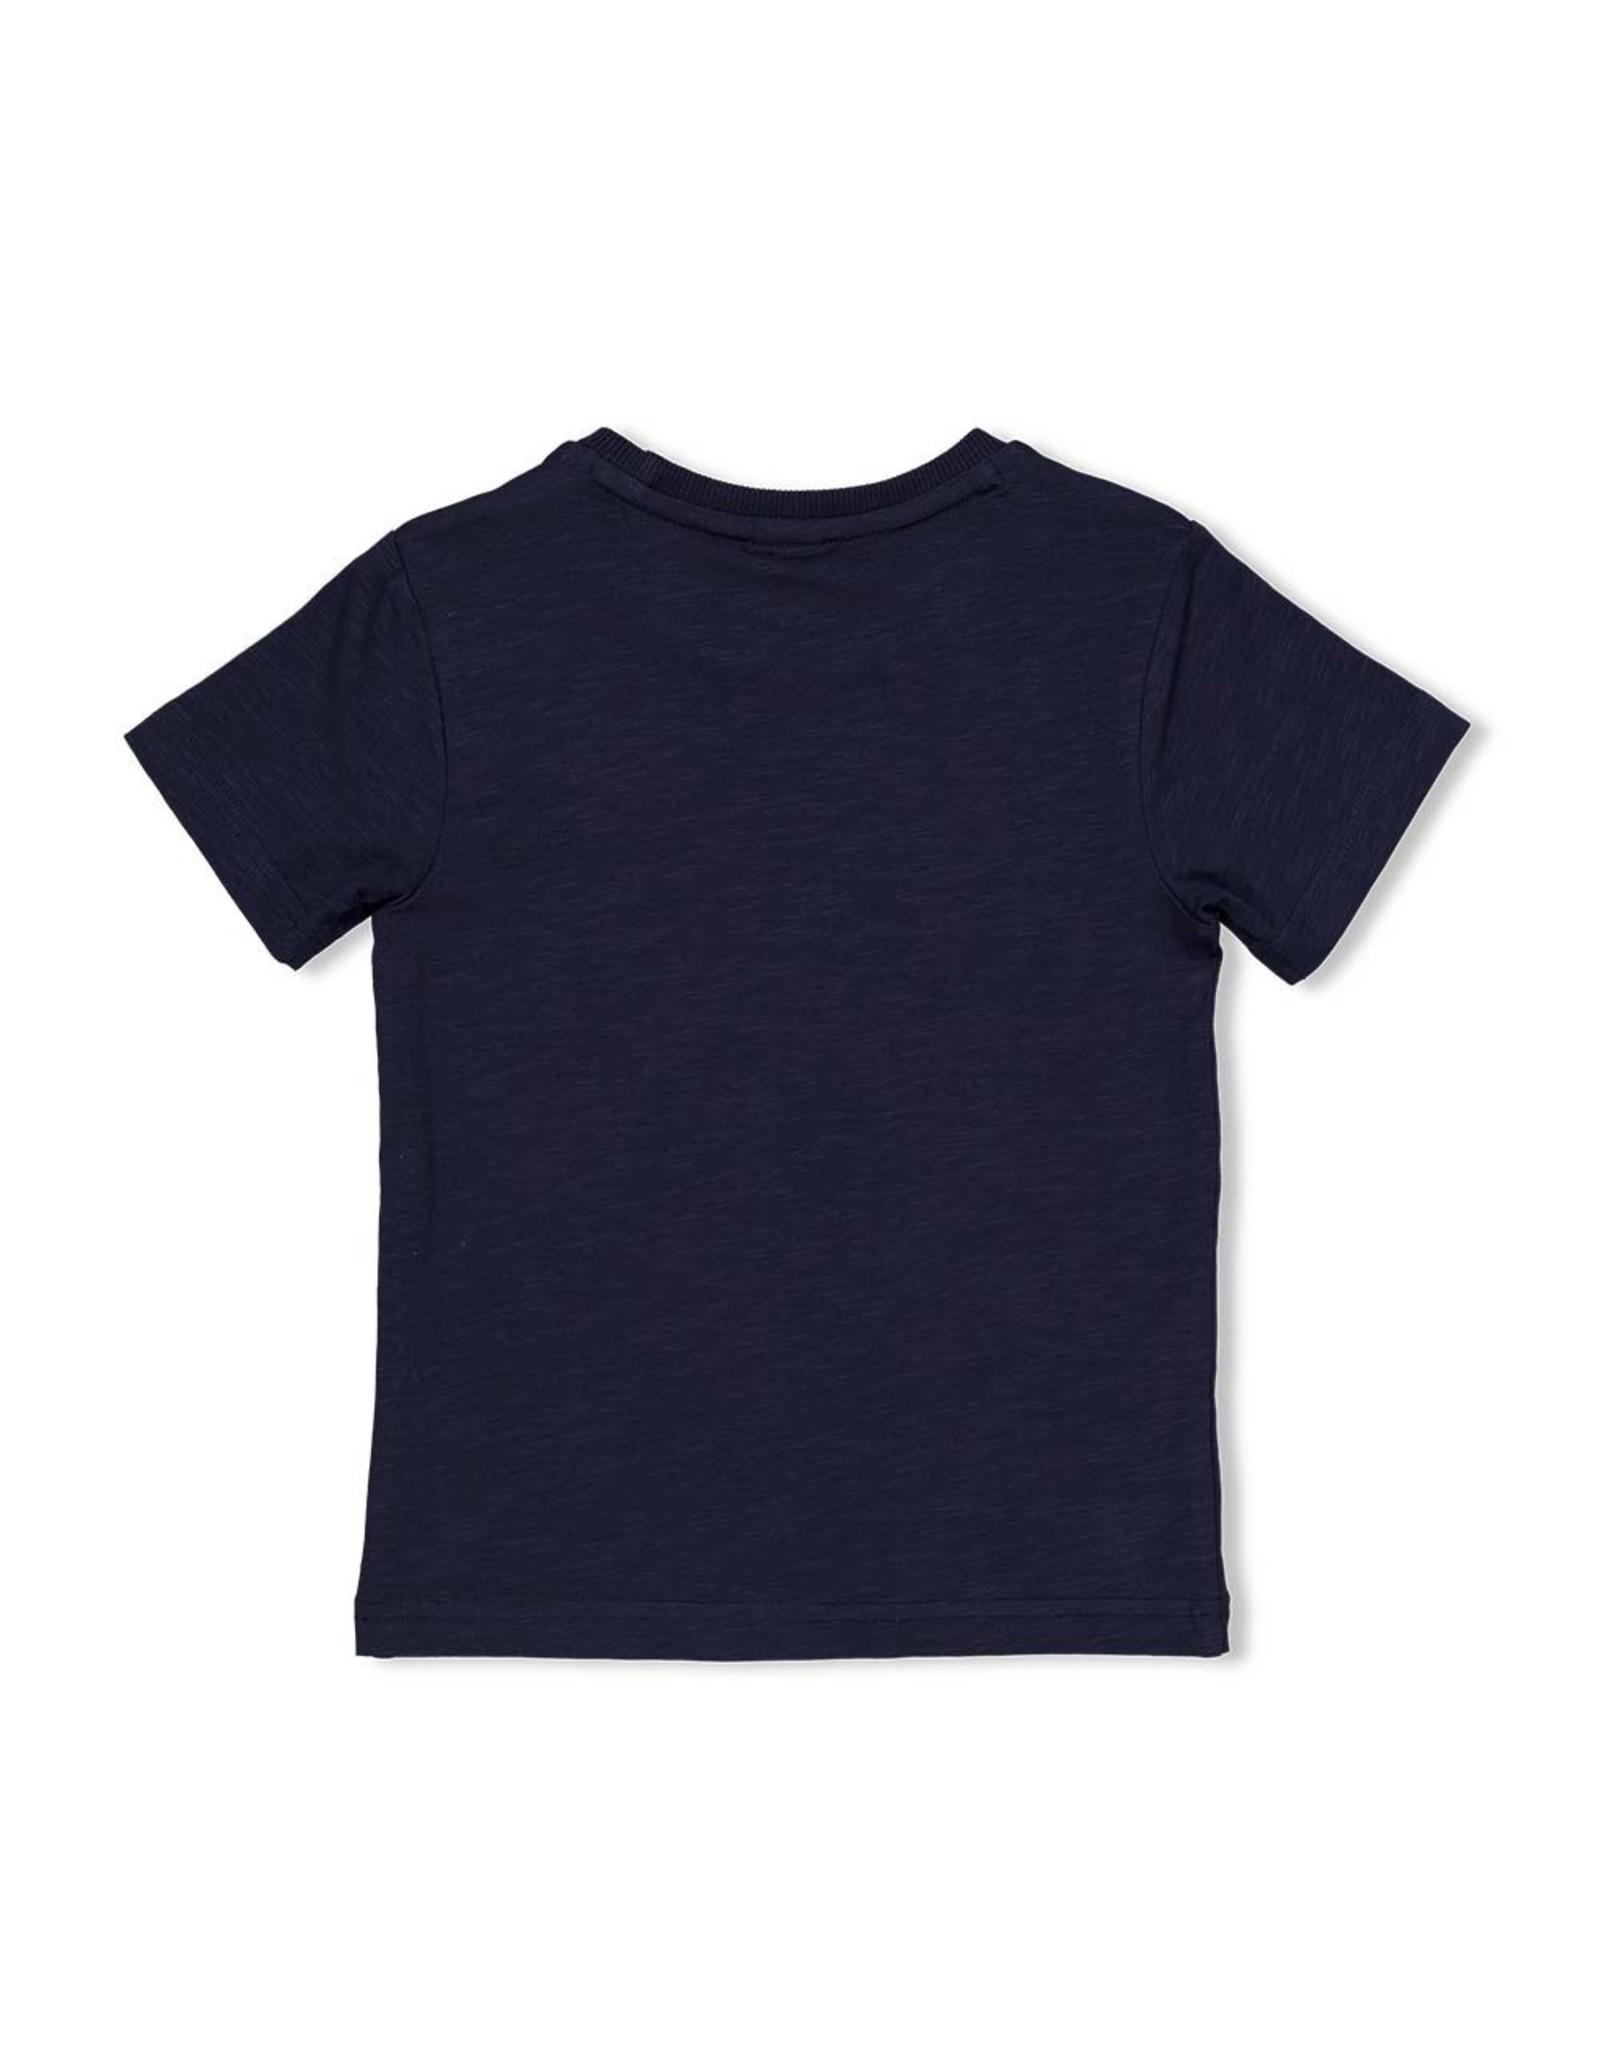 Sturdy T-shirt Forever marine - Playground